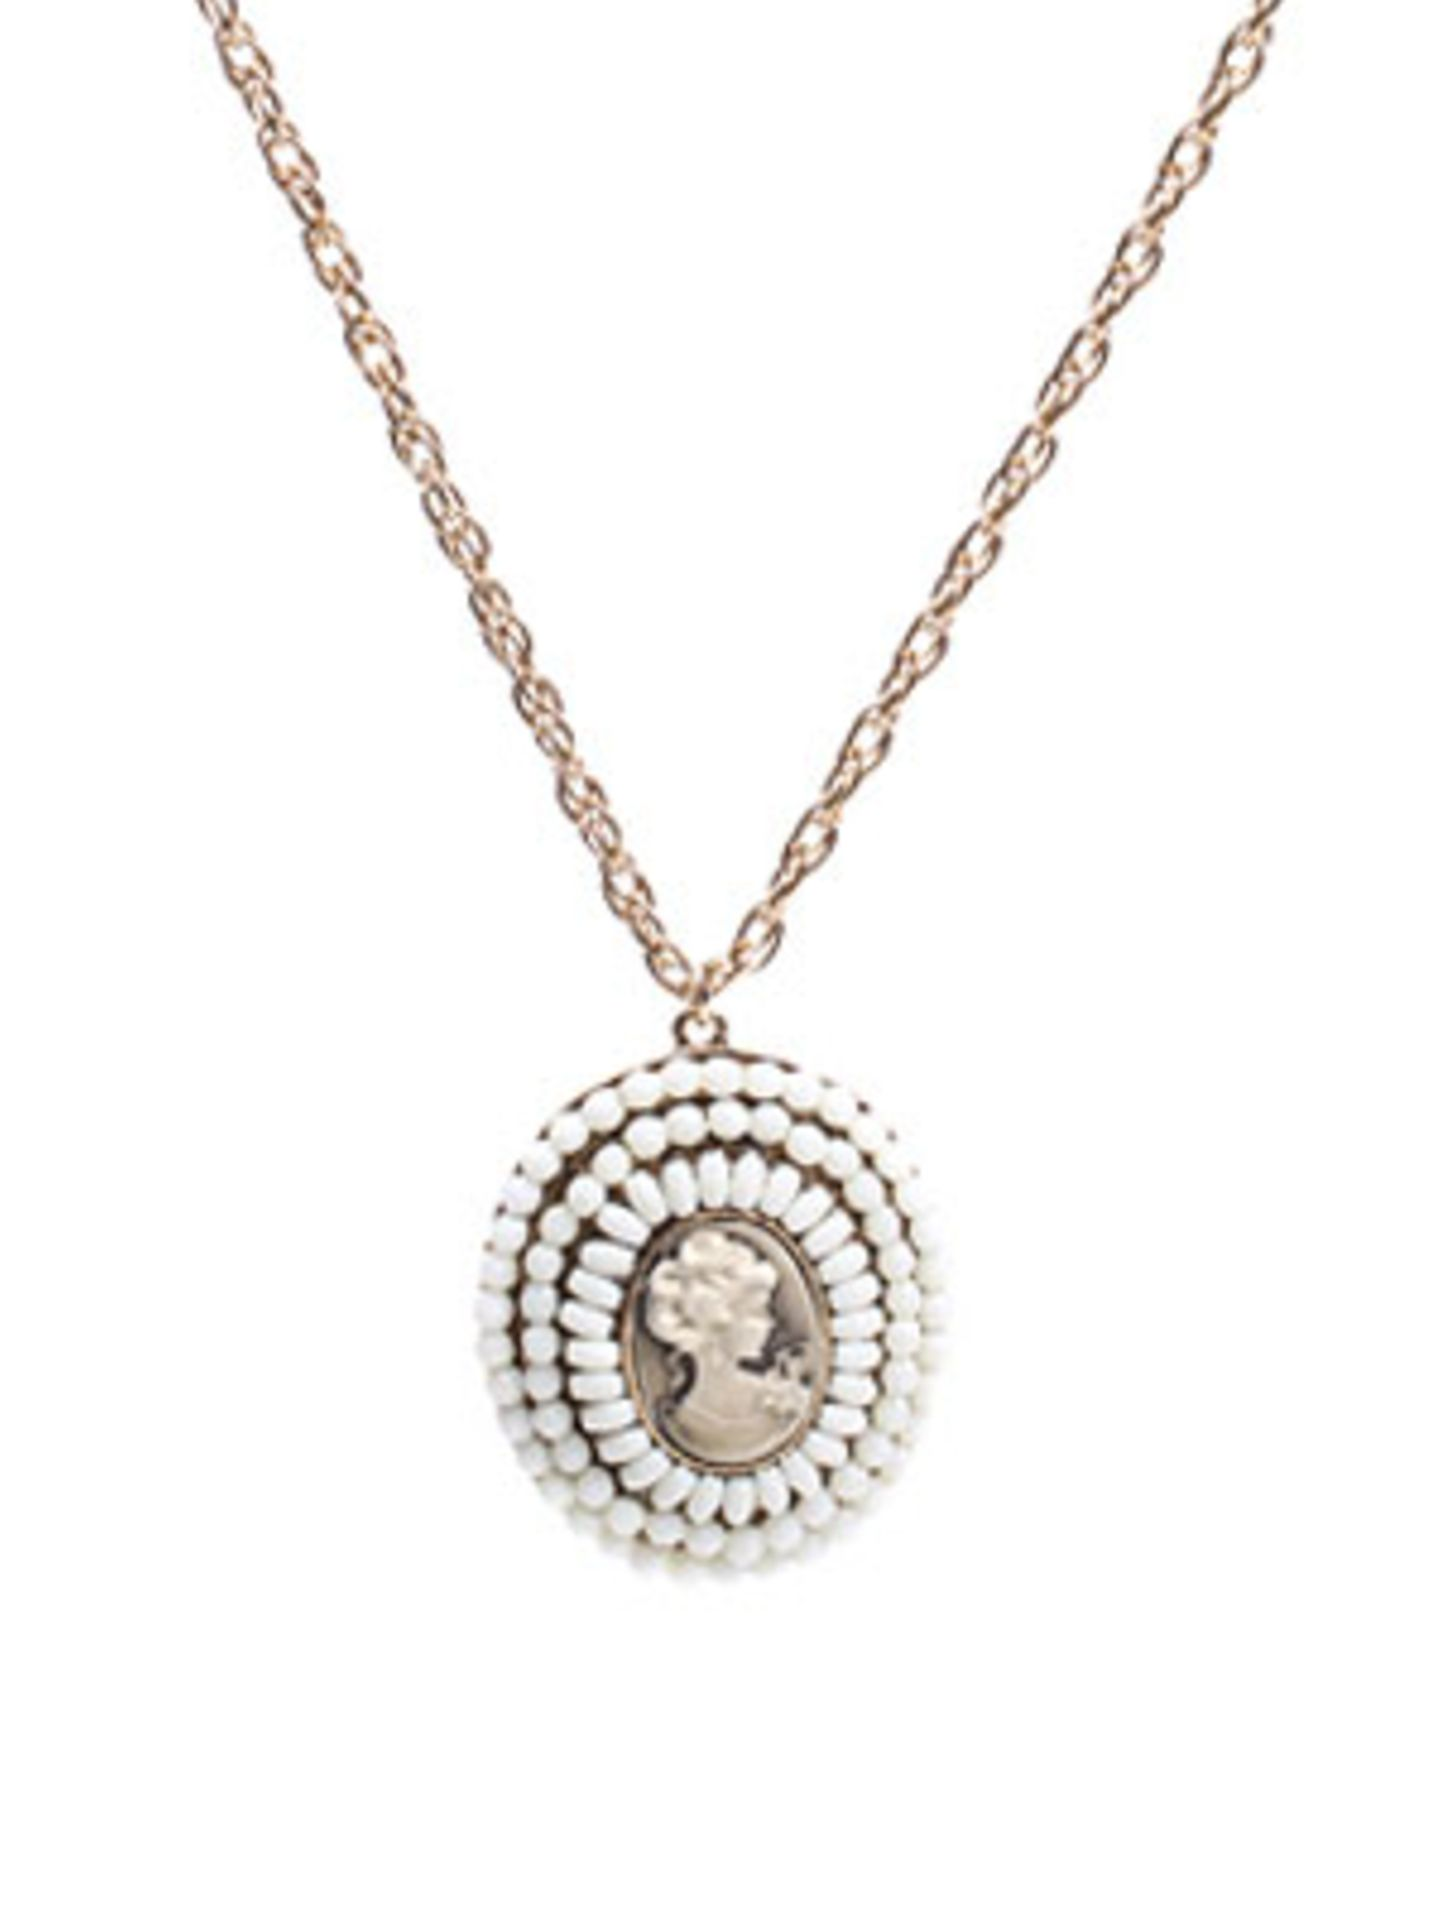 Silberkette mit Anhänger im Renaissance-Look, nur wesentlich günstiger. Von www.asos.com, um 13 Euro.